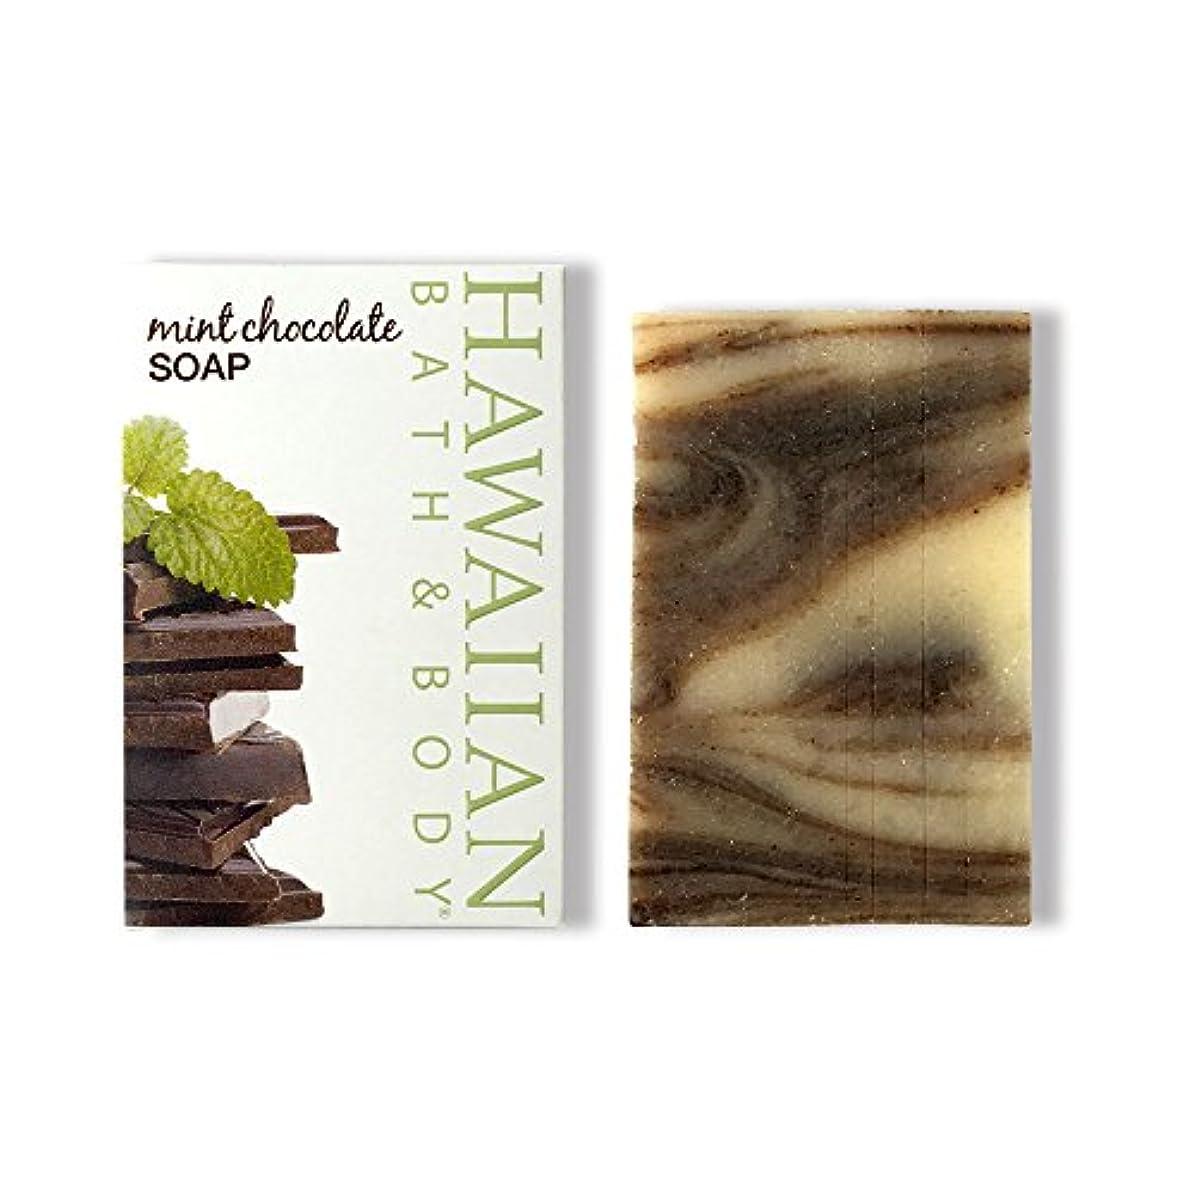 垂直なぜメロドラマハワイアンバス&ボディ ハワイアン?ミントチョコレートソープ ( Hawaii Mint Chocolate Soap )